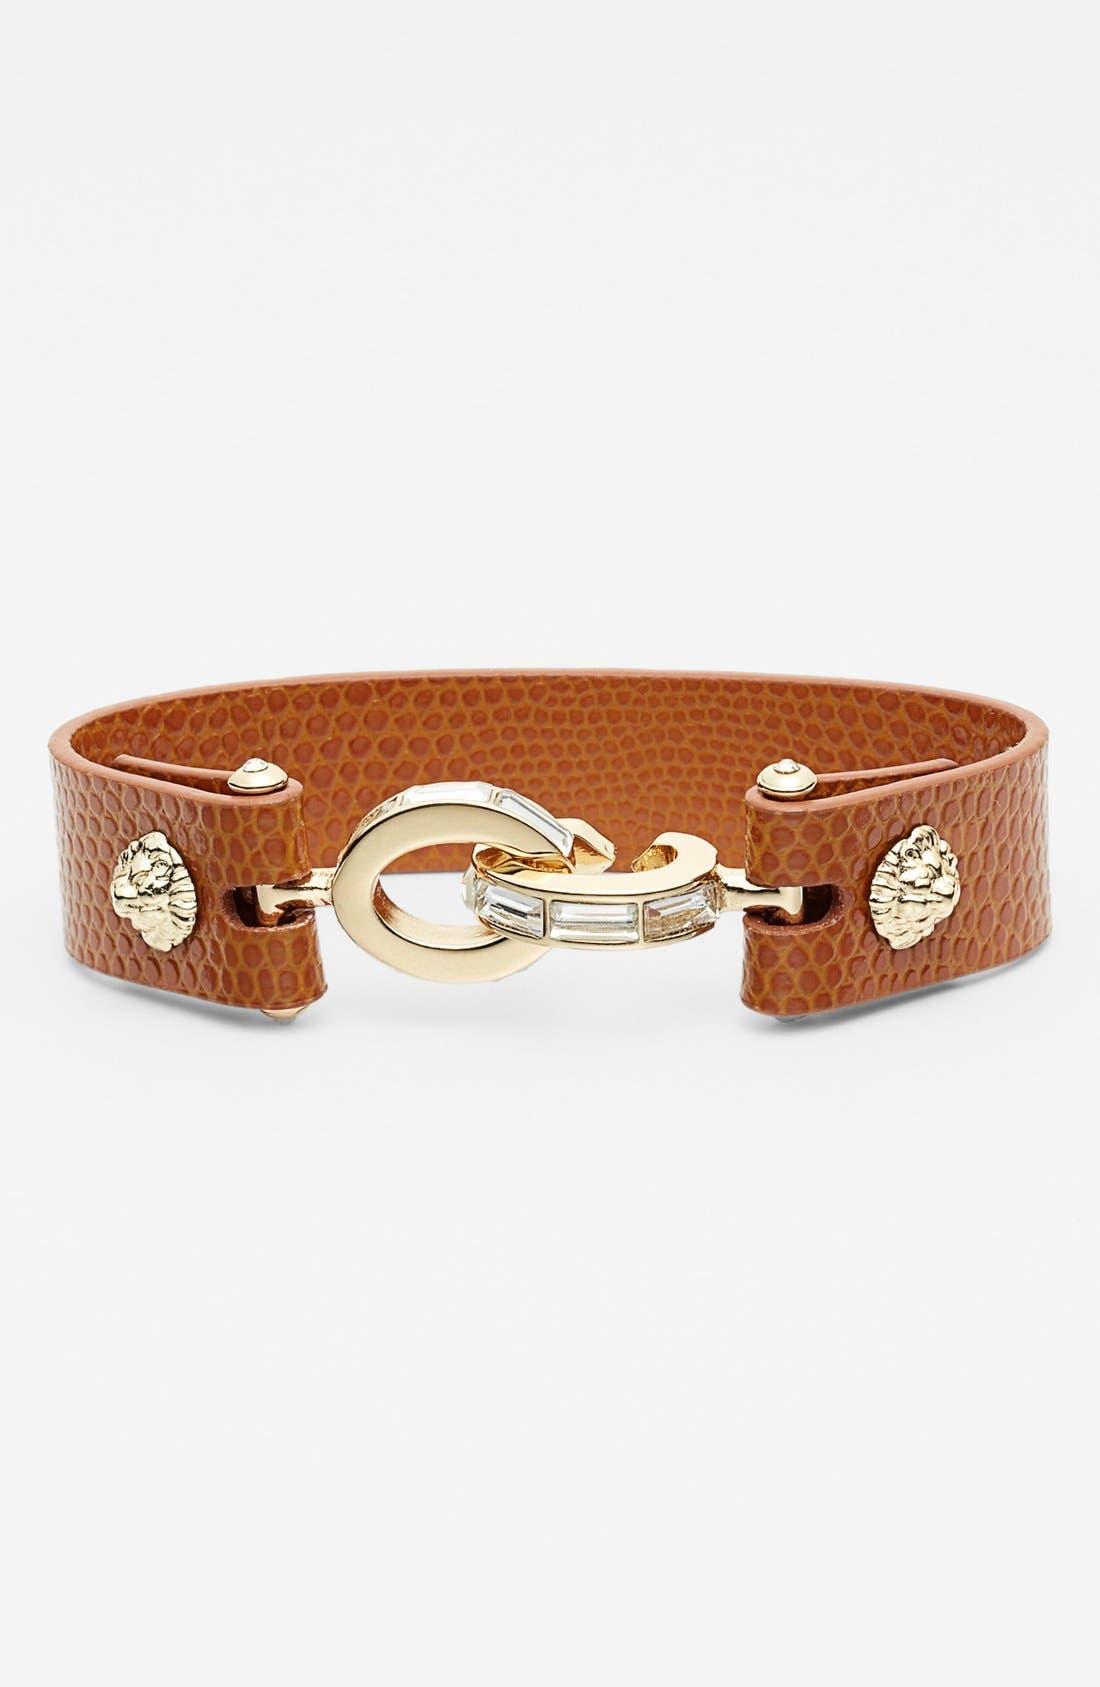 Alternate Image 1 Selected - Anne Klein Leather & Link Bracelet